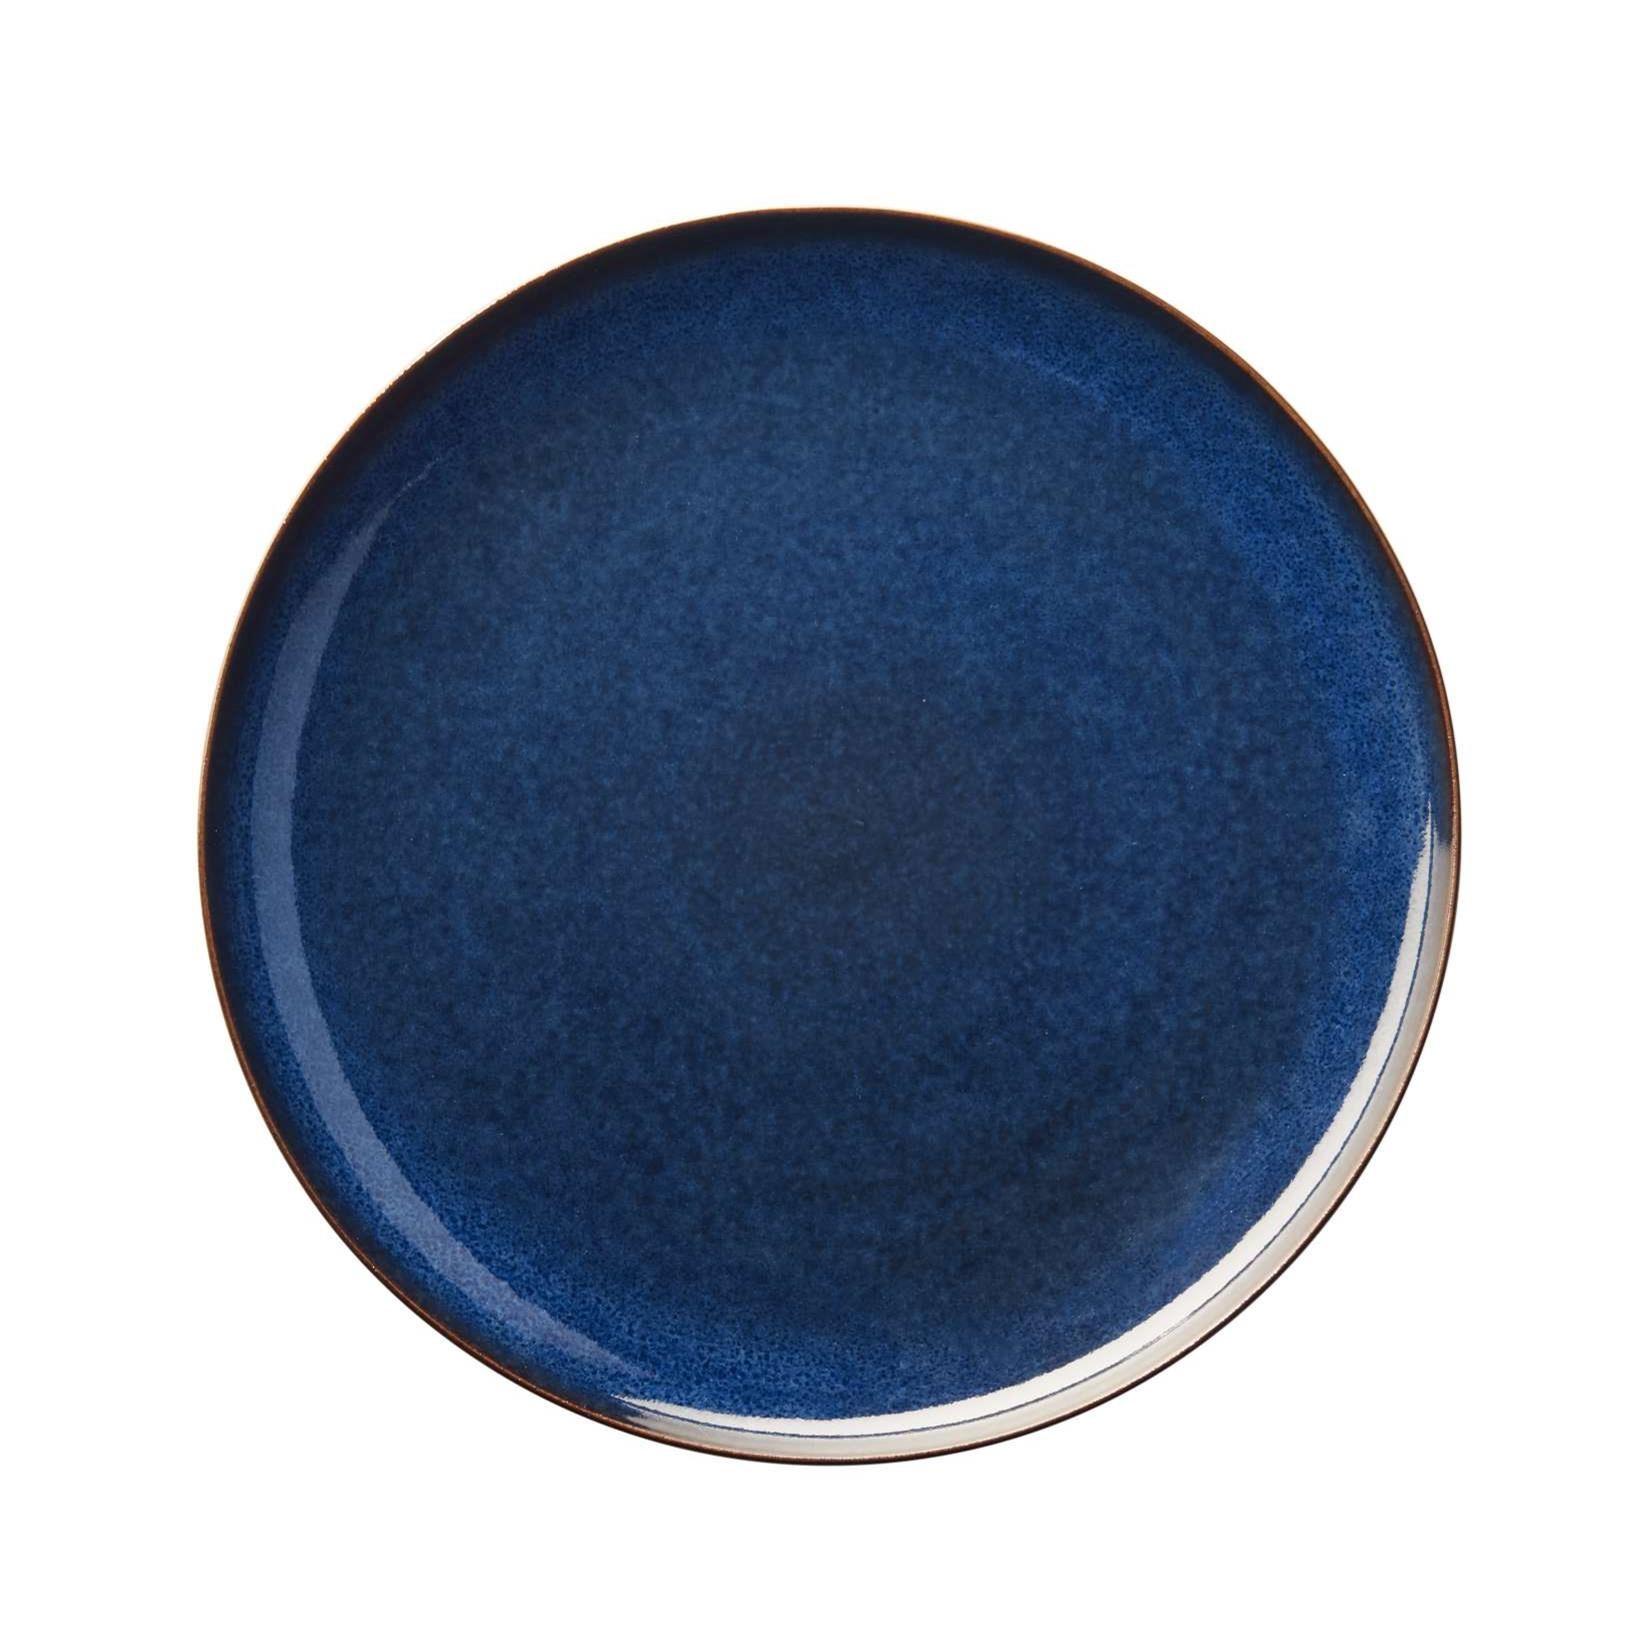 Mělký talíř SAISONS 26,5 cm blue_0